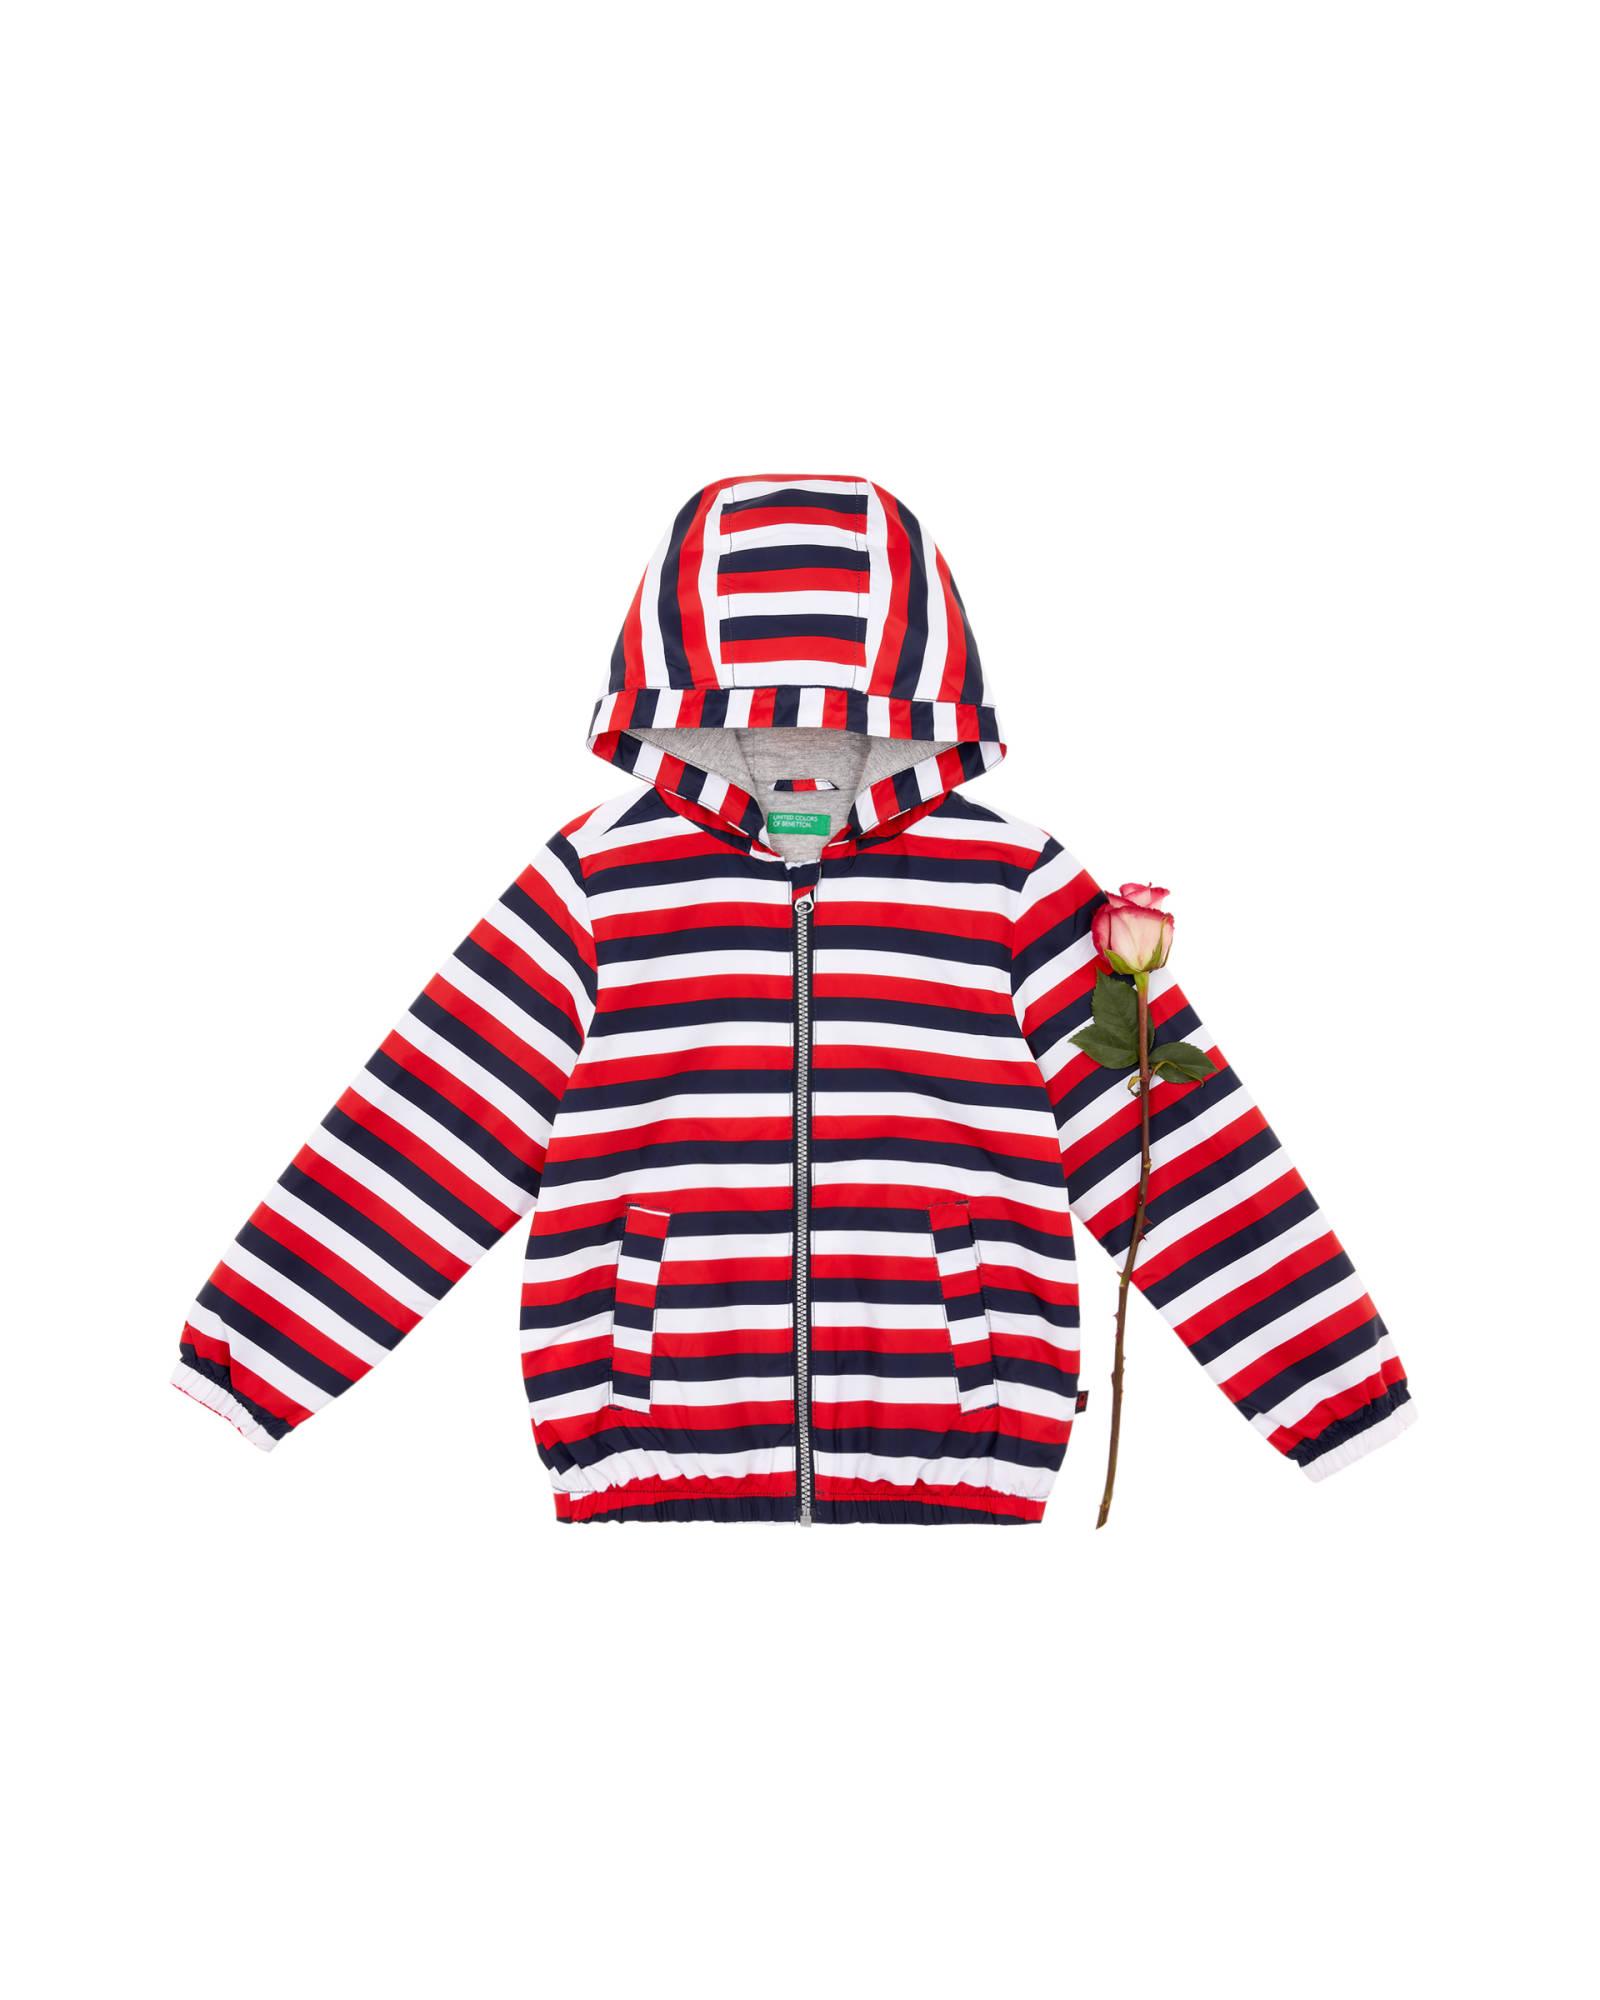 Abbigliamento Bambino Collezione Bimbi 2019 4b718d4a7f3b